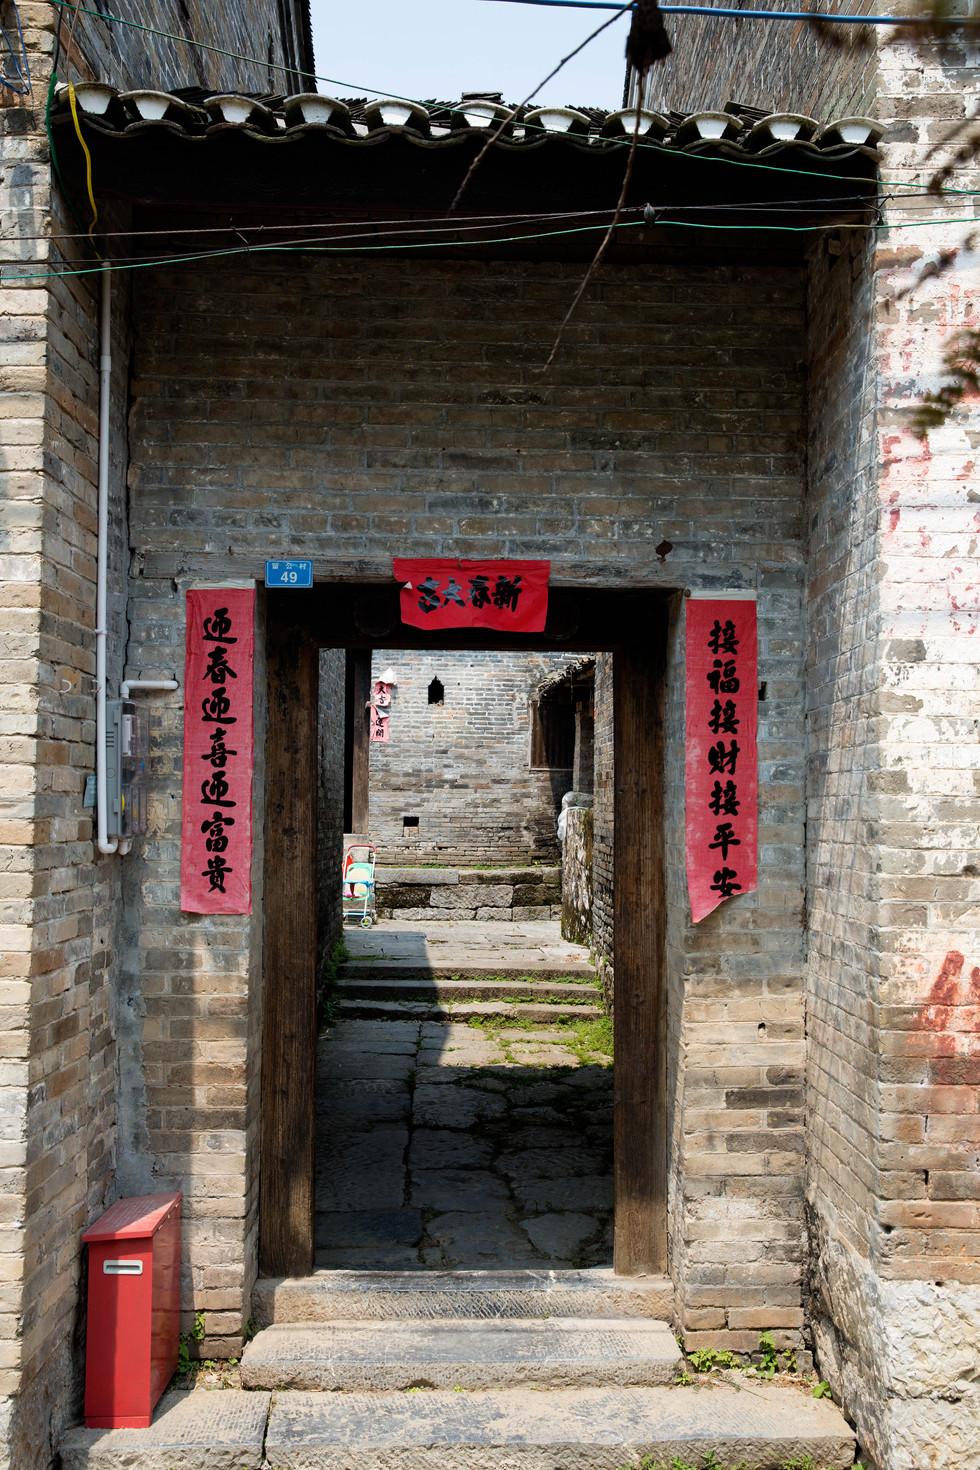 Guangxi Region, 2018